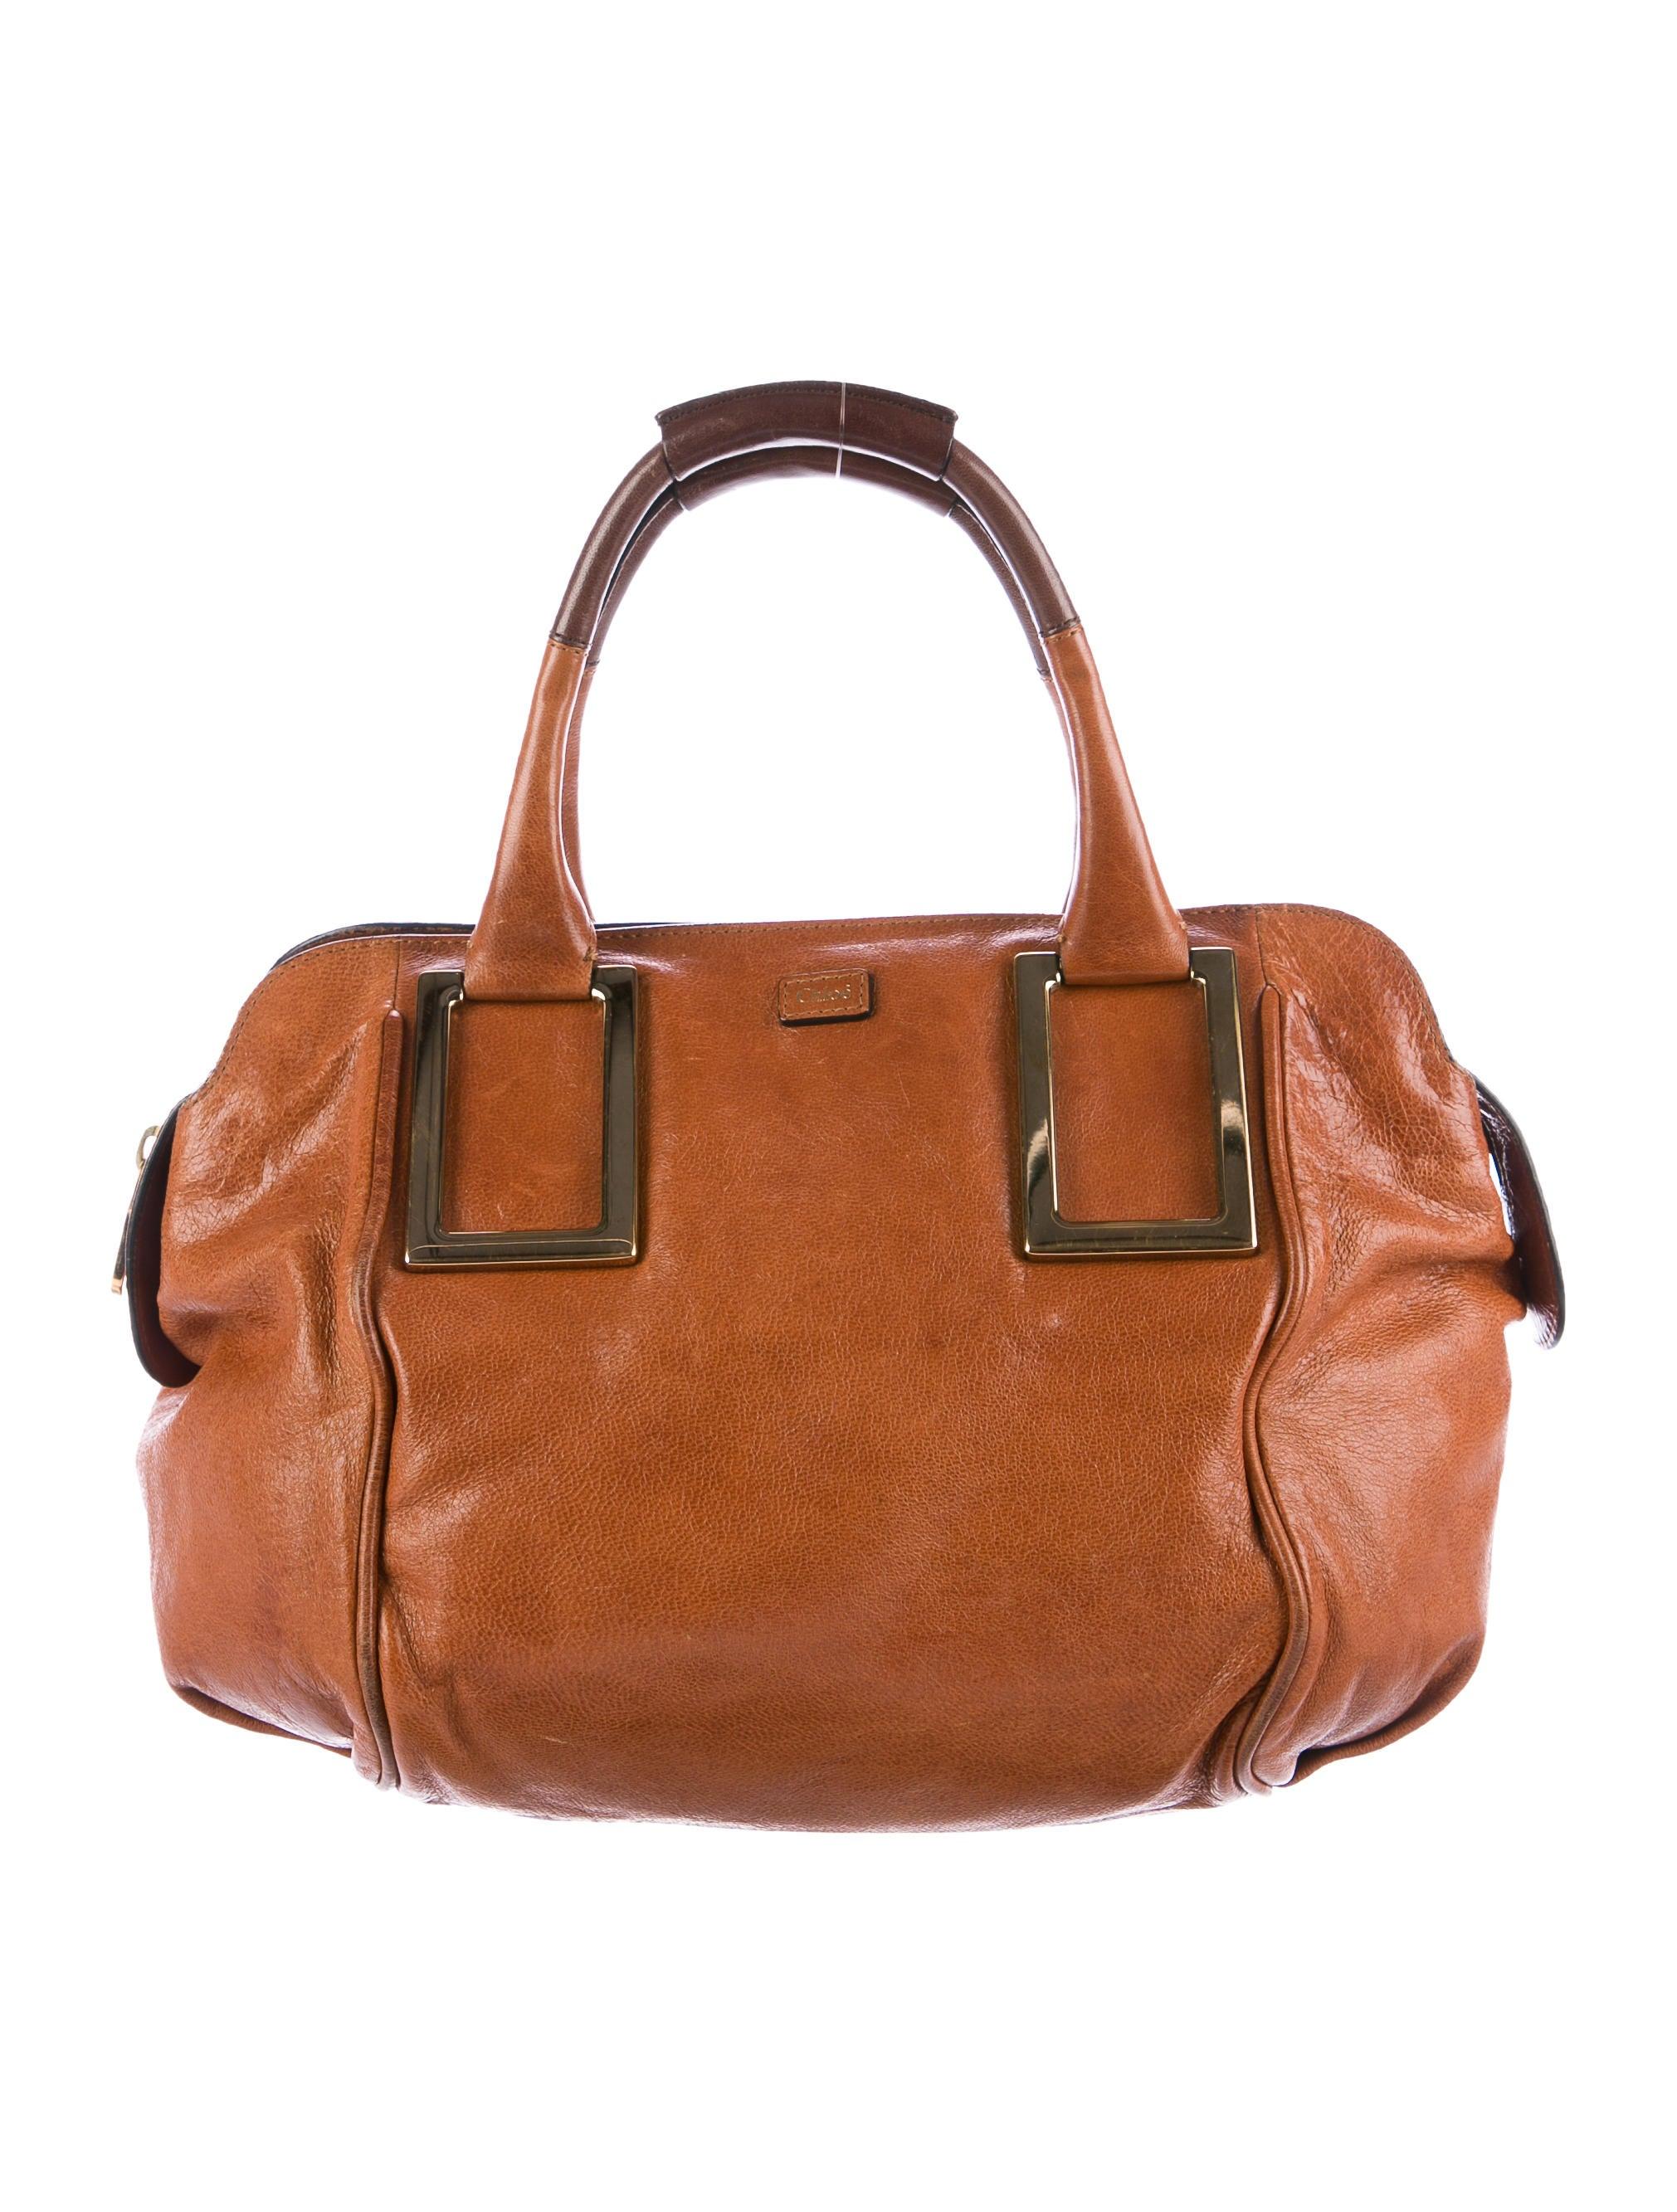 Chloé Leather Ethel Satchel - Handbags - CHL63180  f8ac4d056